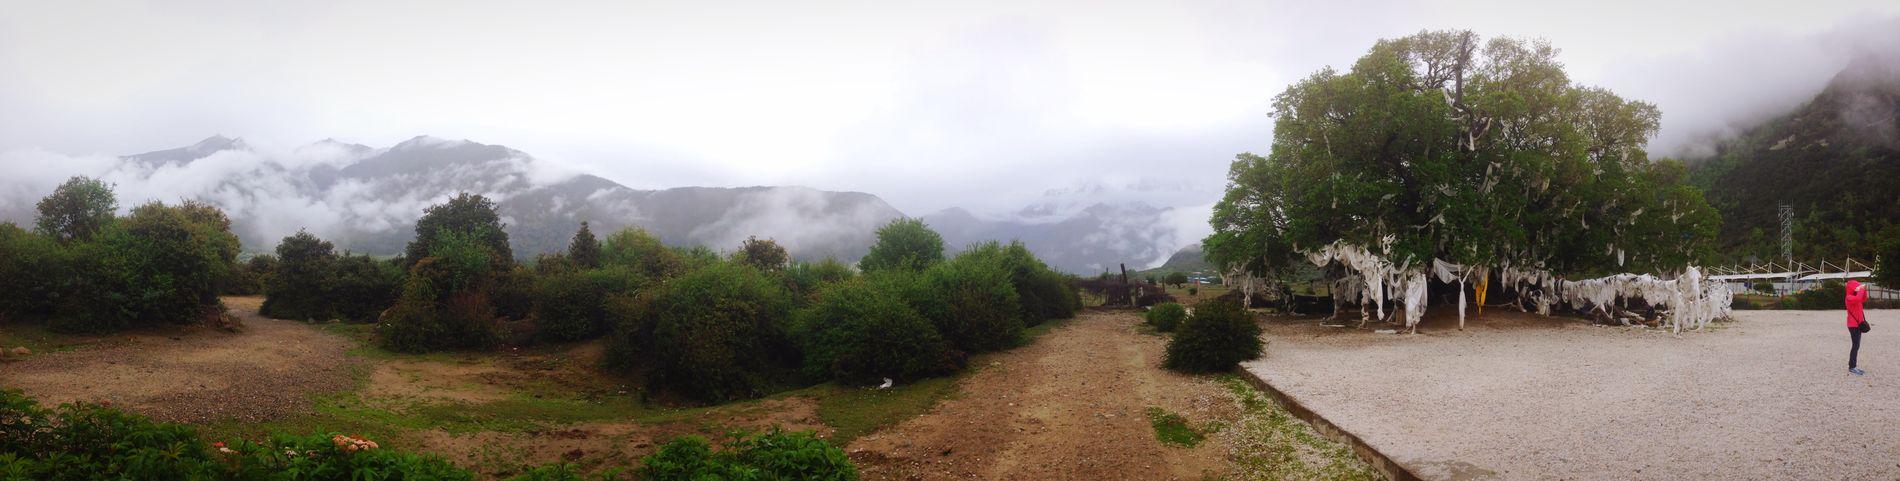 Nature 南迦巴瓦峰